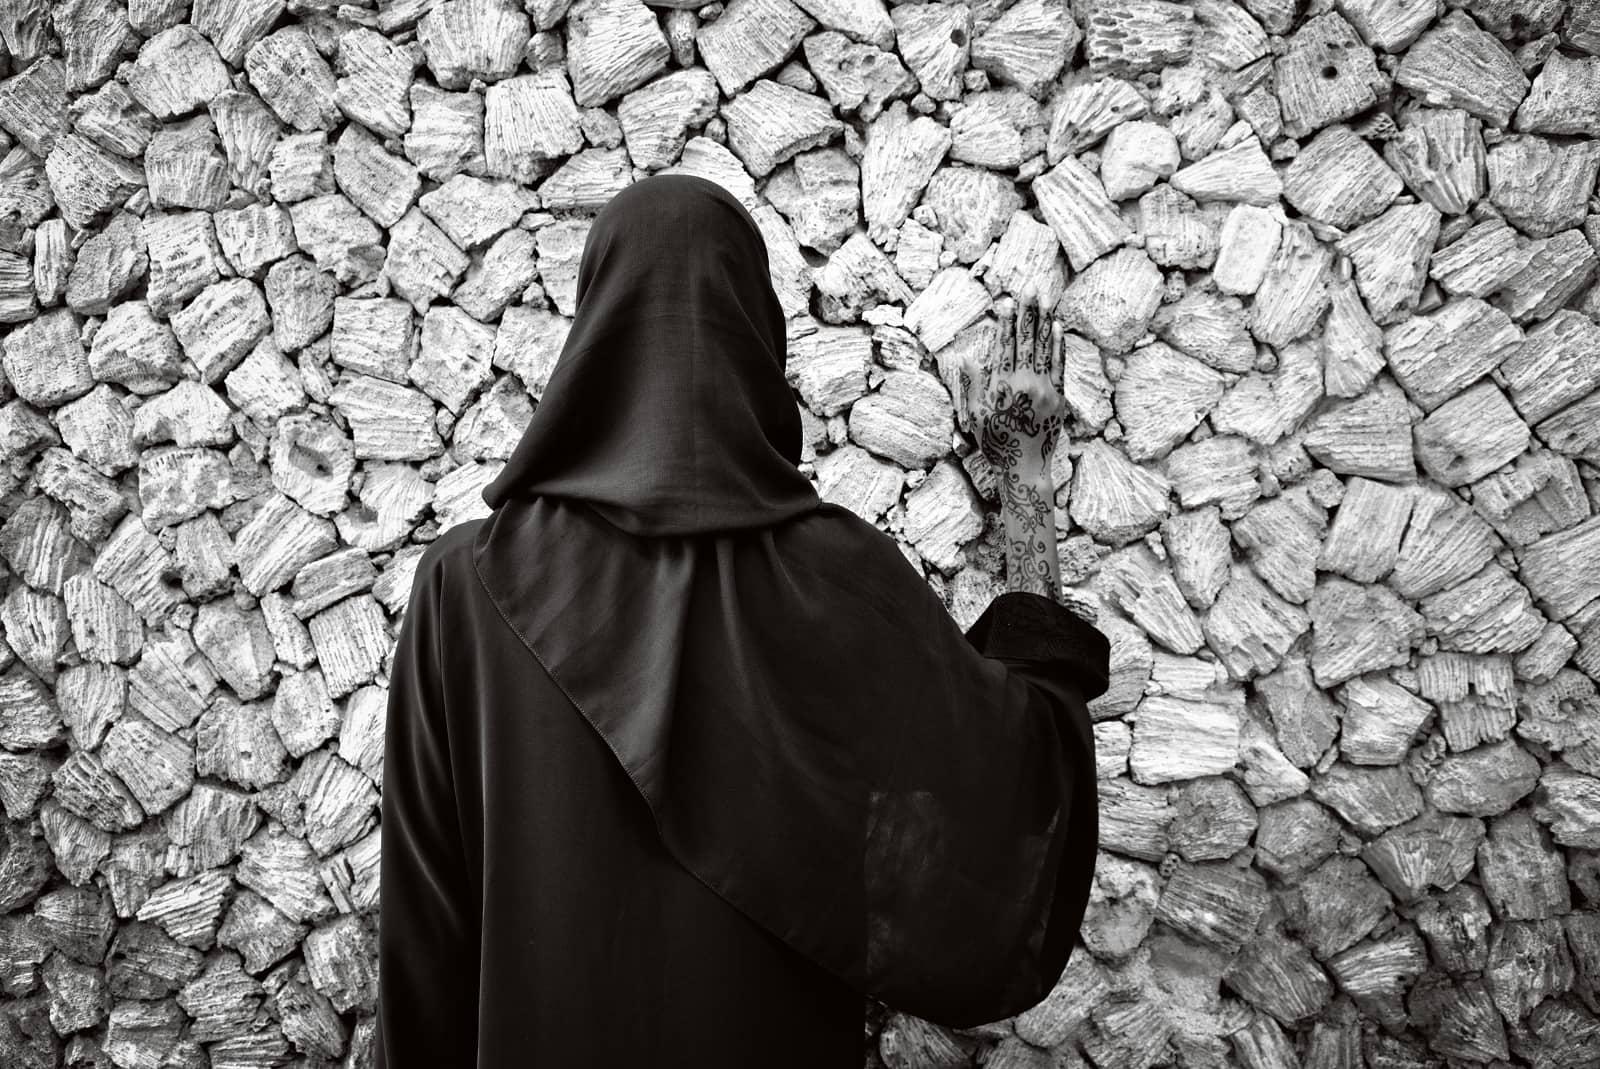 © Annelies Damen - Fikra, vrouw in zwart gekleed met zwart hoofddoek staat met rug naar camera tegen een muur met hand op muur